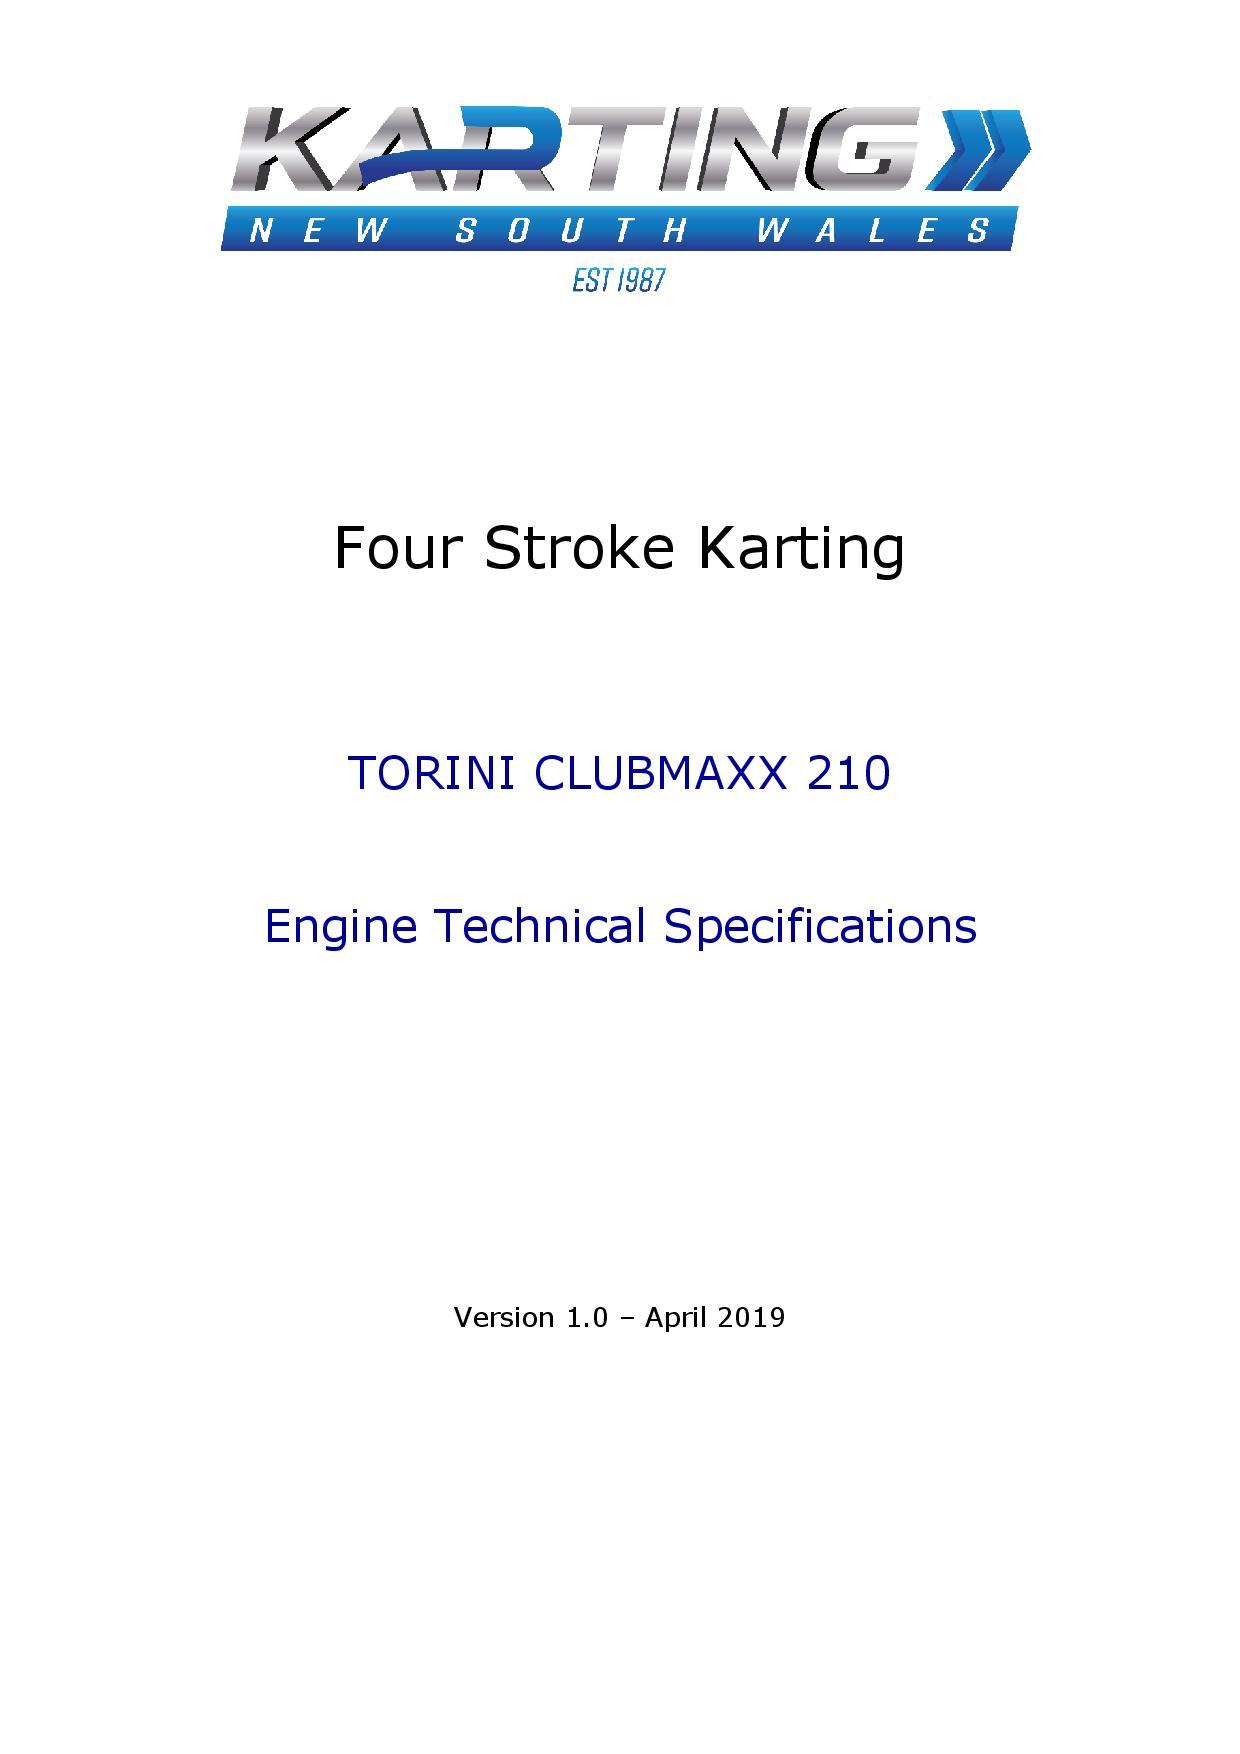 E45_Torini Clubmaxx 210